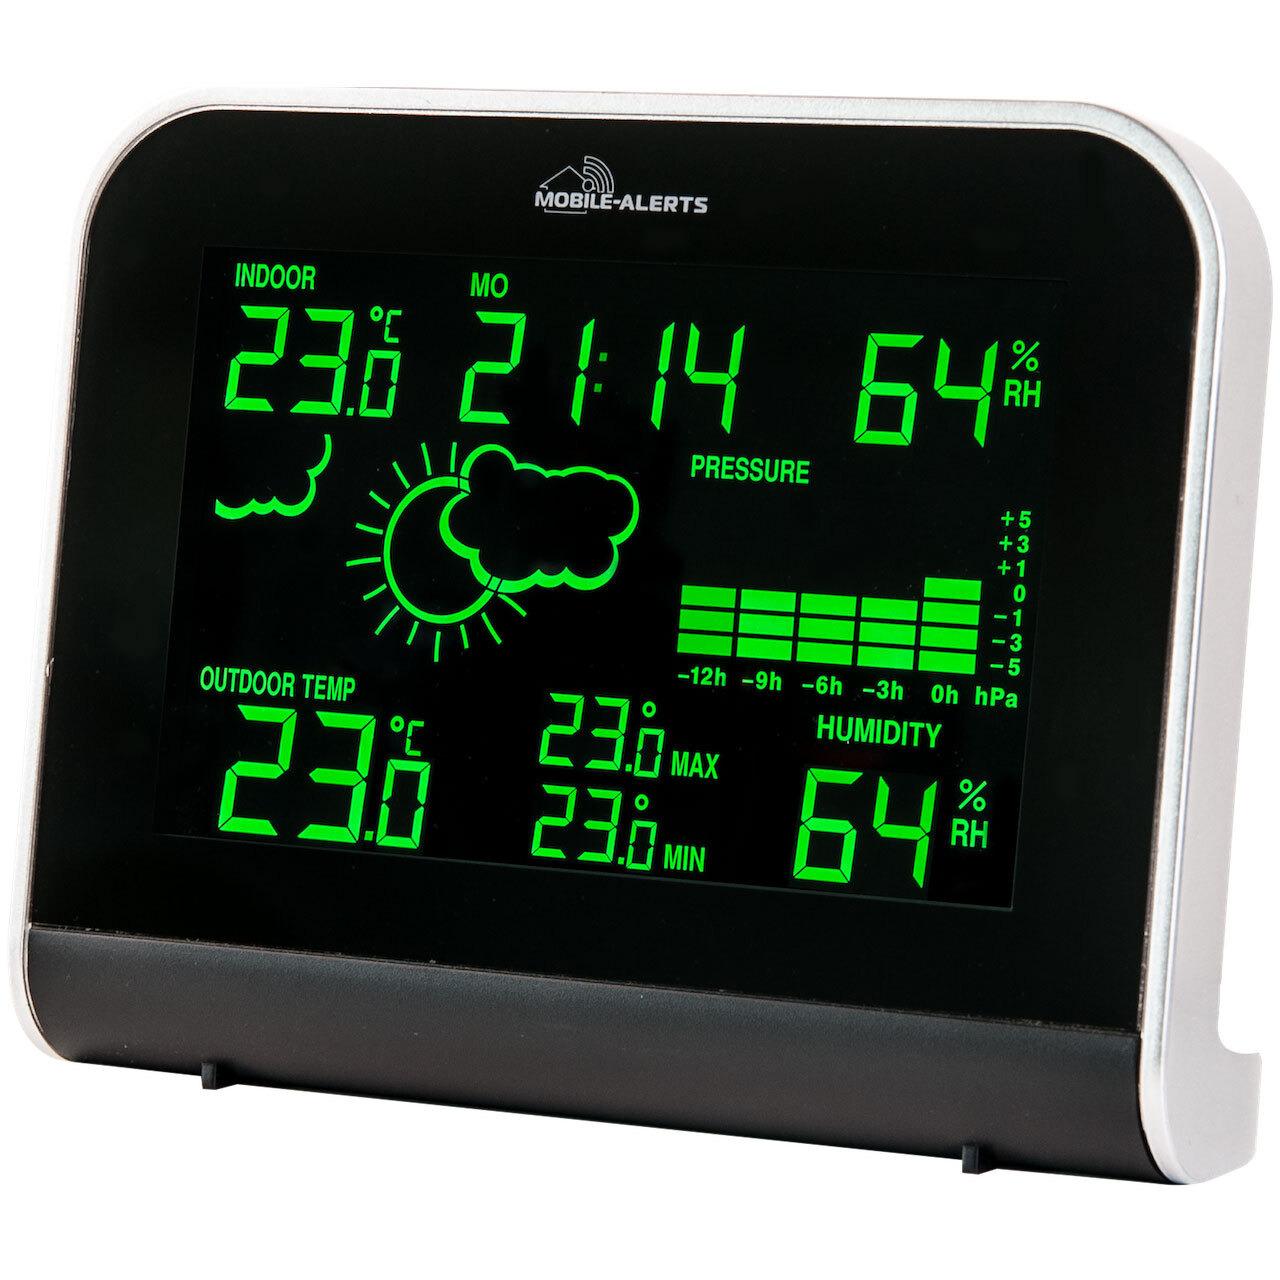 Mobile Alerts RGB-Wetterstation MA10920 inkl. Aussensensor- kompatibel mit Mobile Alerts System